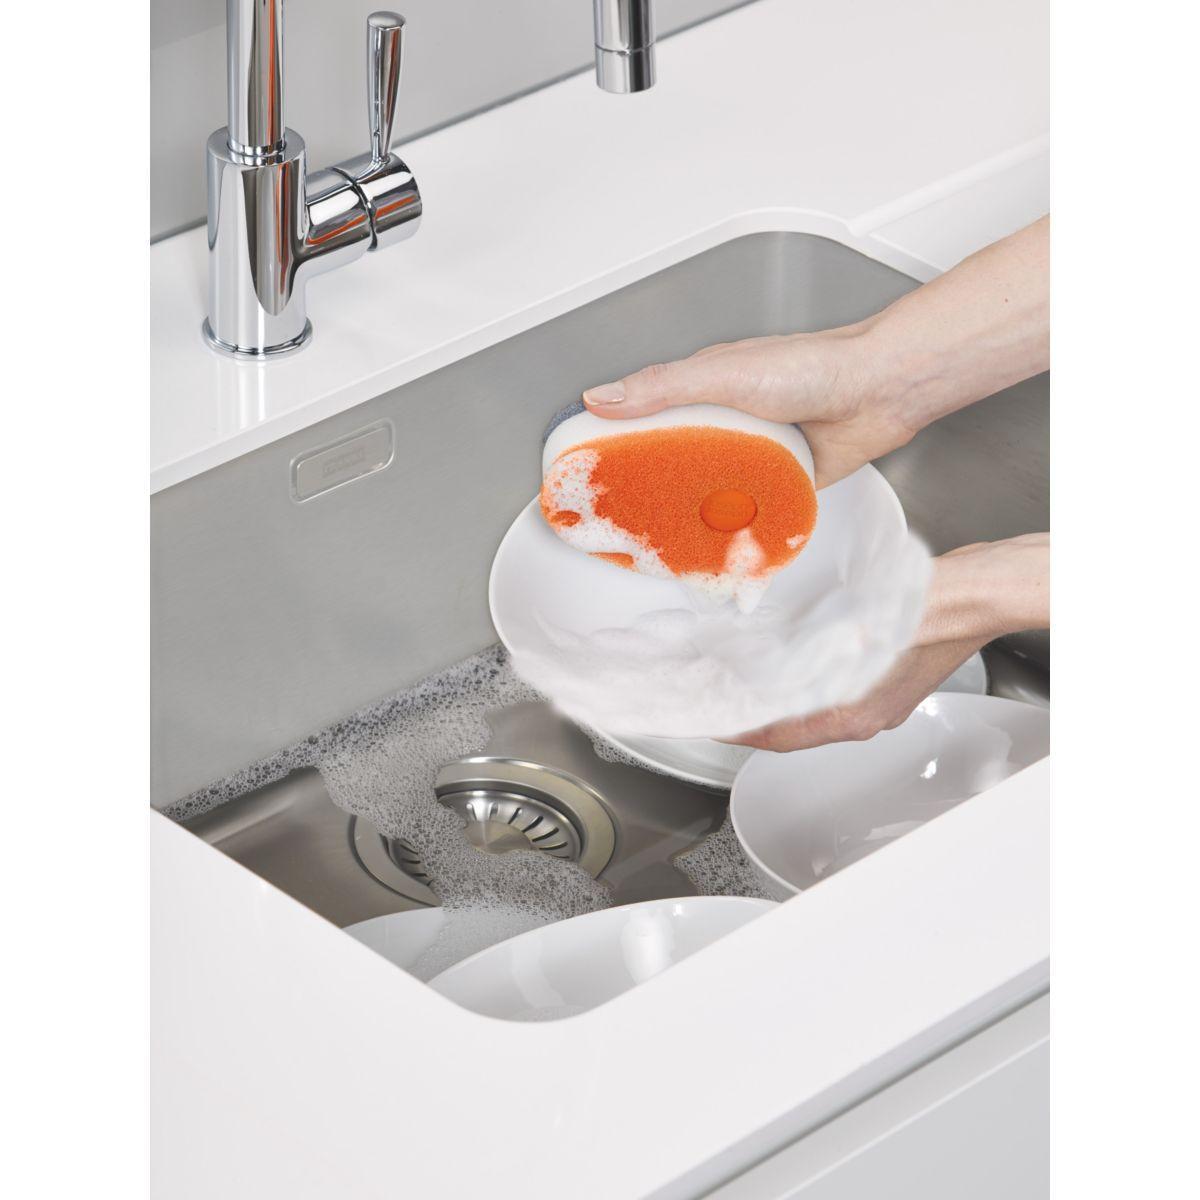 Distributeur � savon joseph joseph soapy sponge - orange - 7% de remise imm�diate avec le code : deal7 (photo)